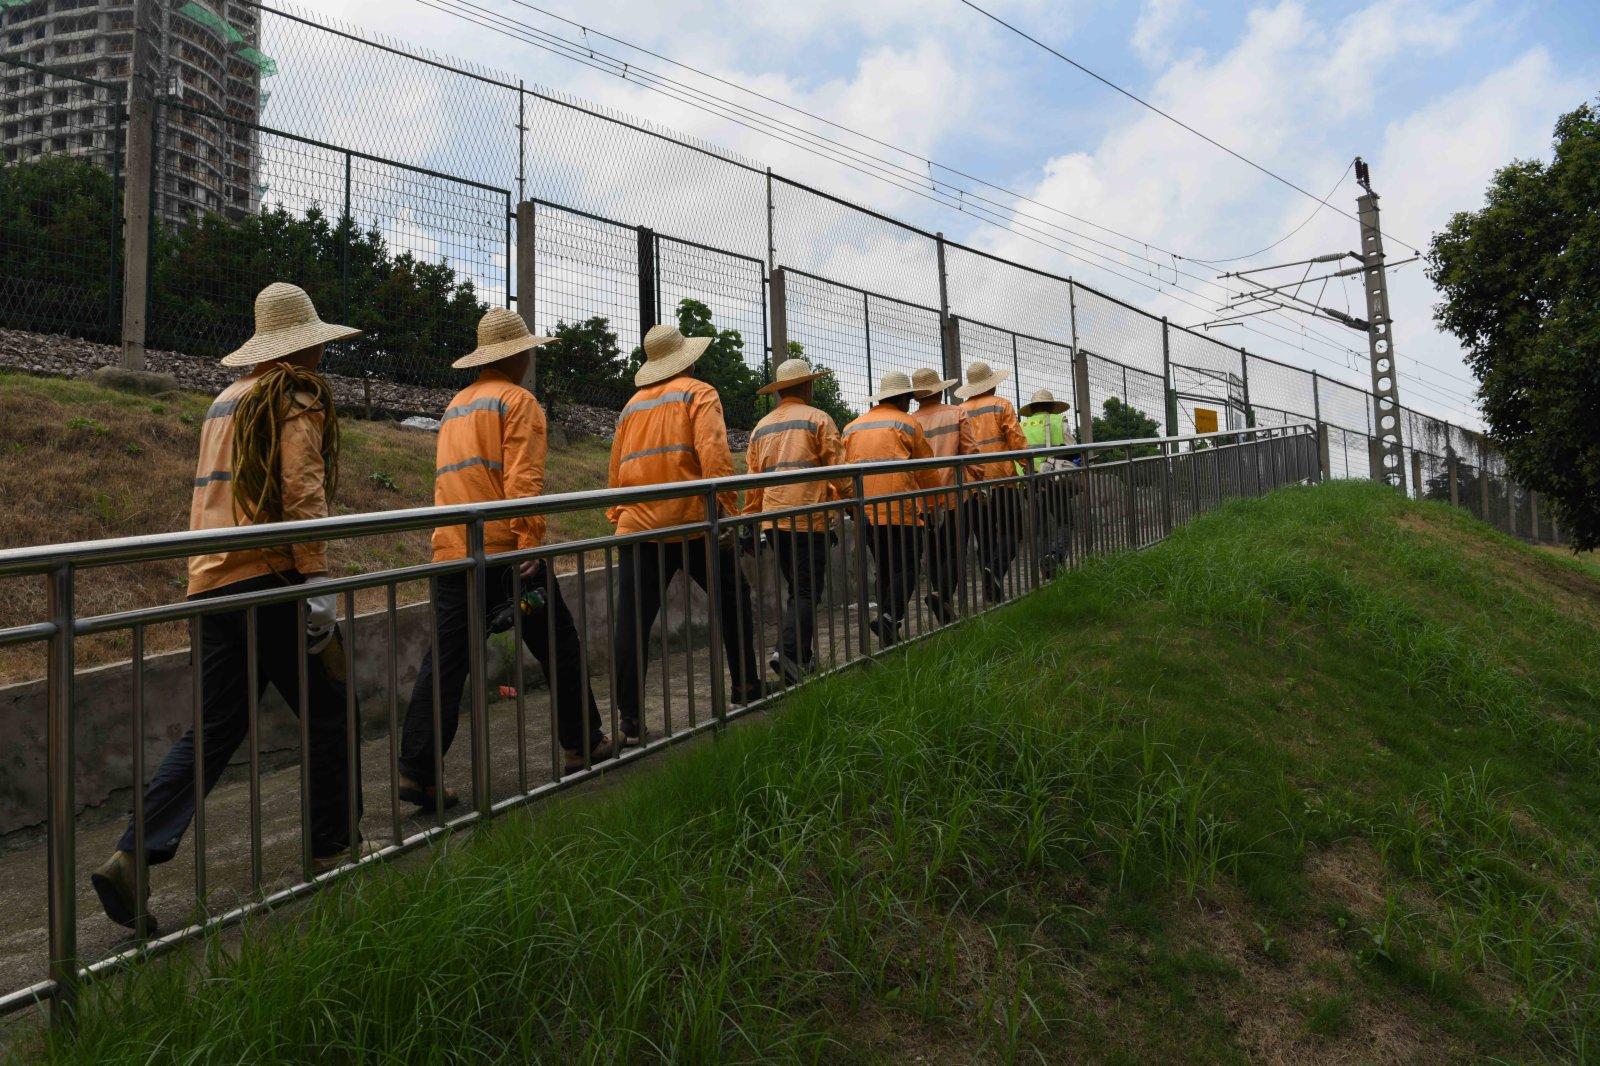 7月20日,橋隧工前往蚌埠淮河鐵路大橋進行養護檢修作業。(新華社)